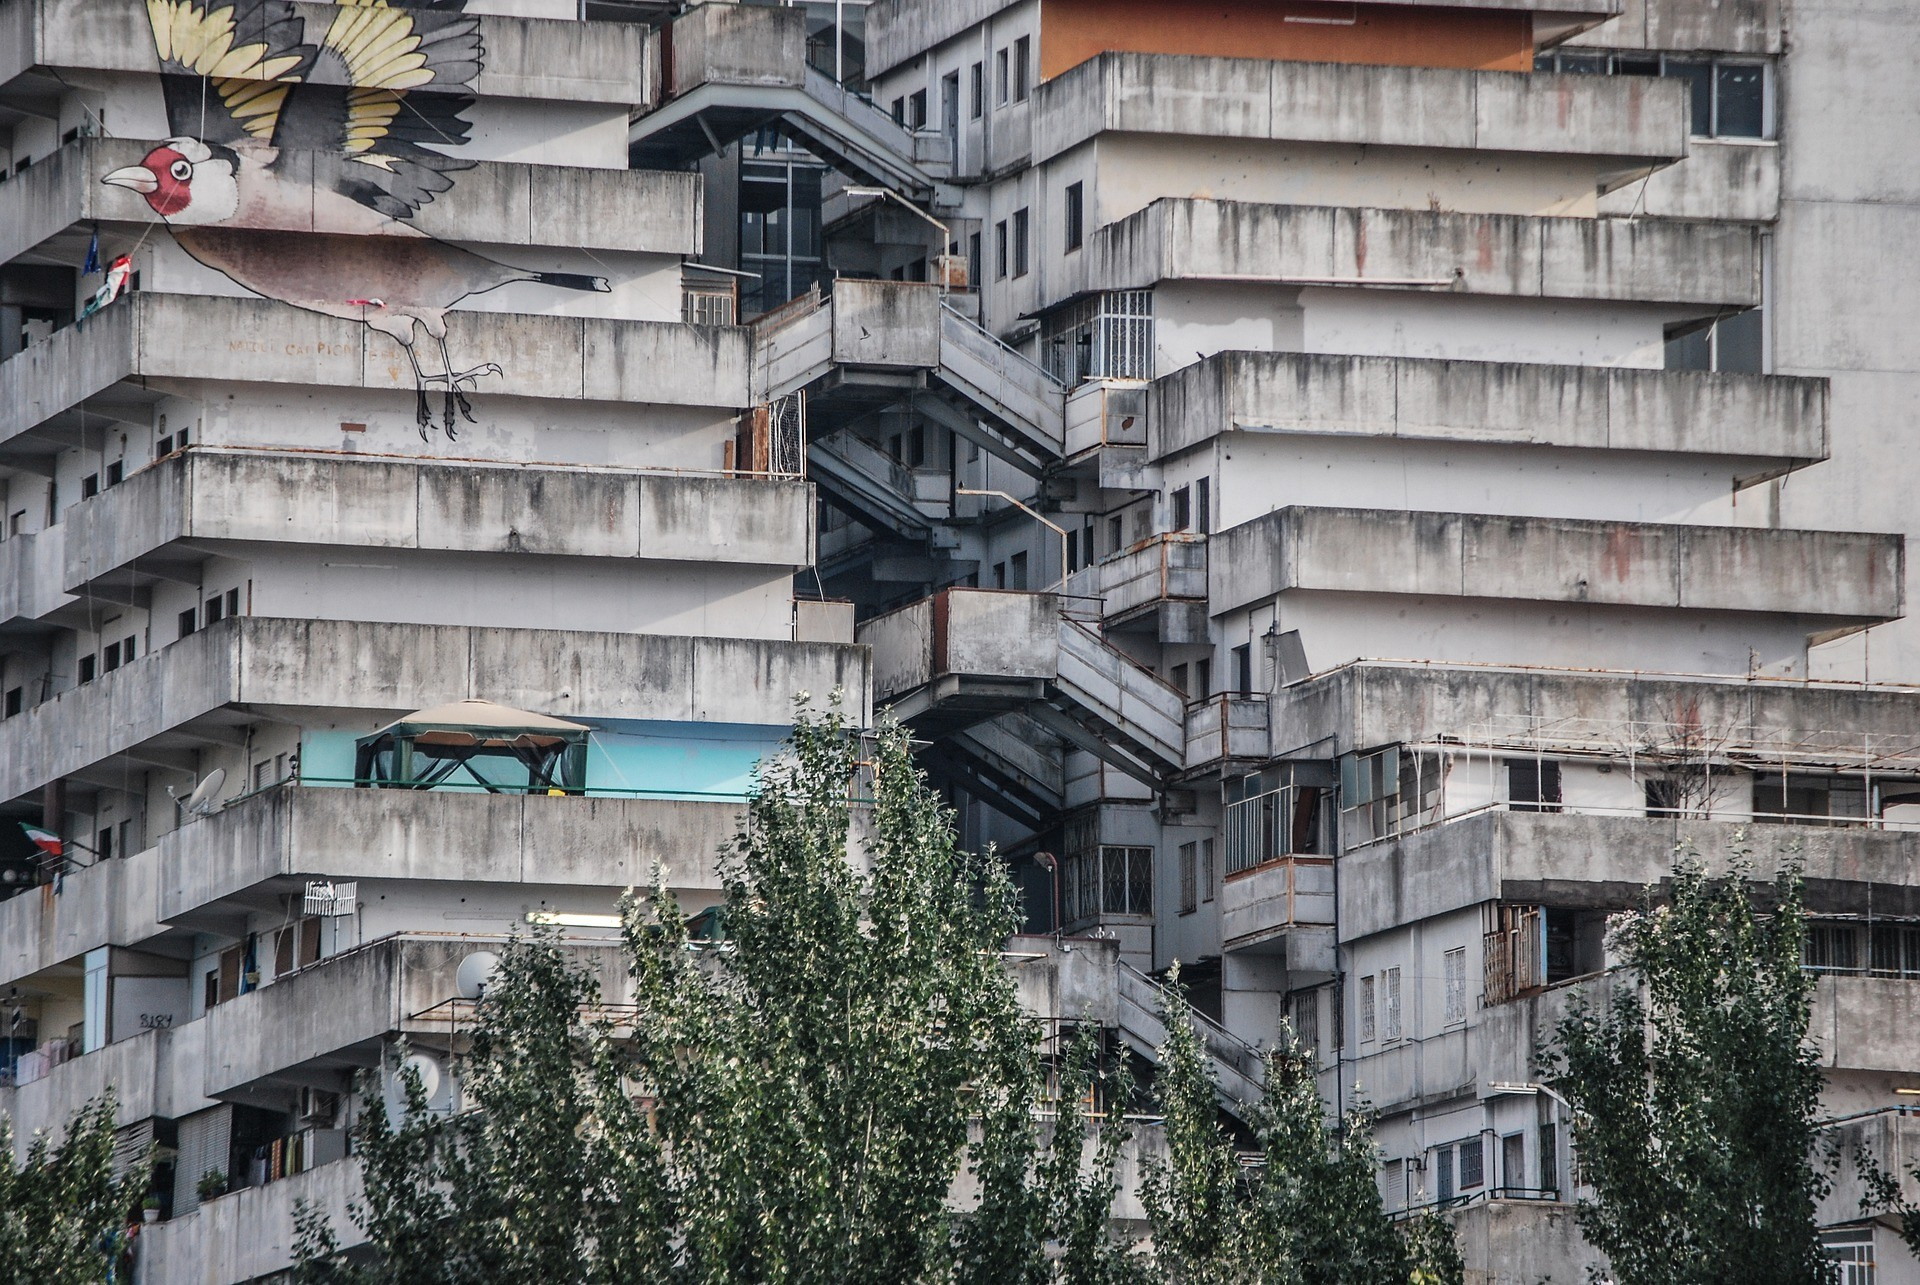 pasarelas aéreas conectando los edificios de la vela de scalpia